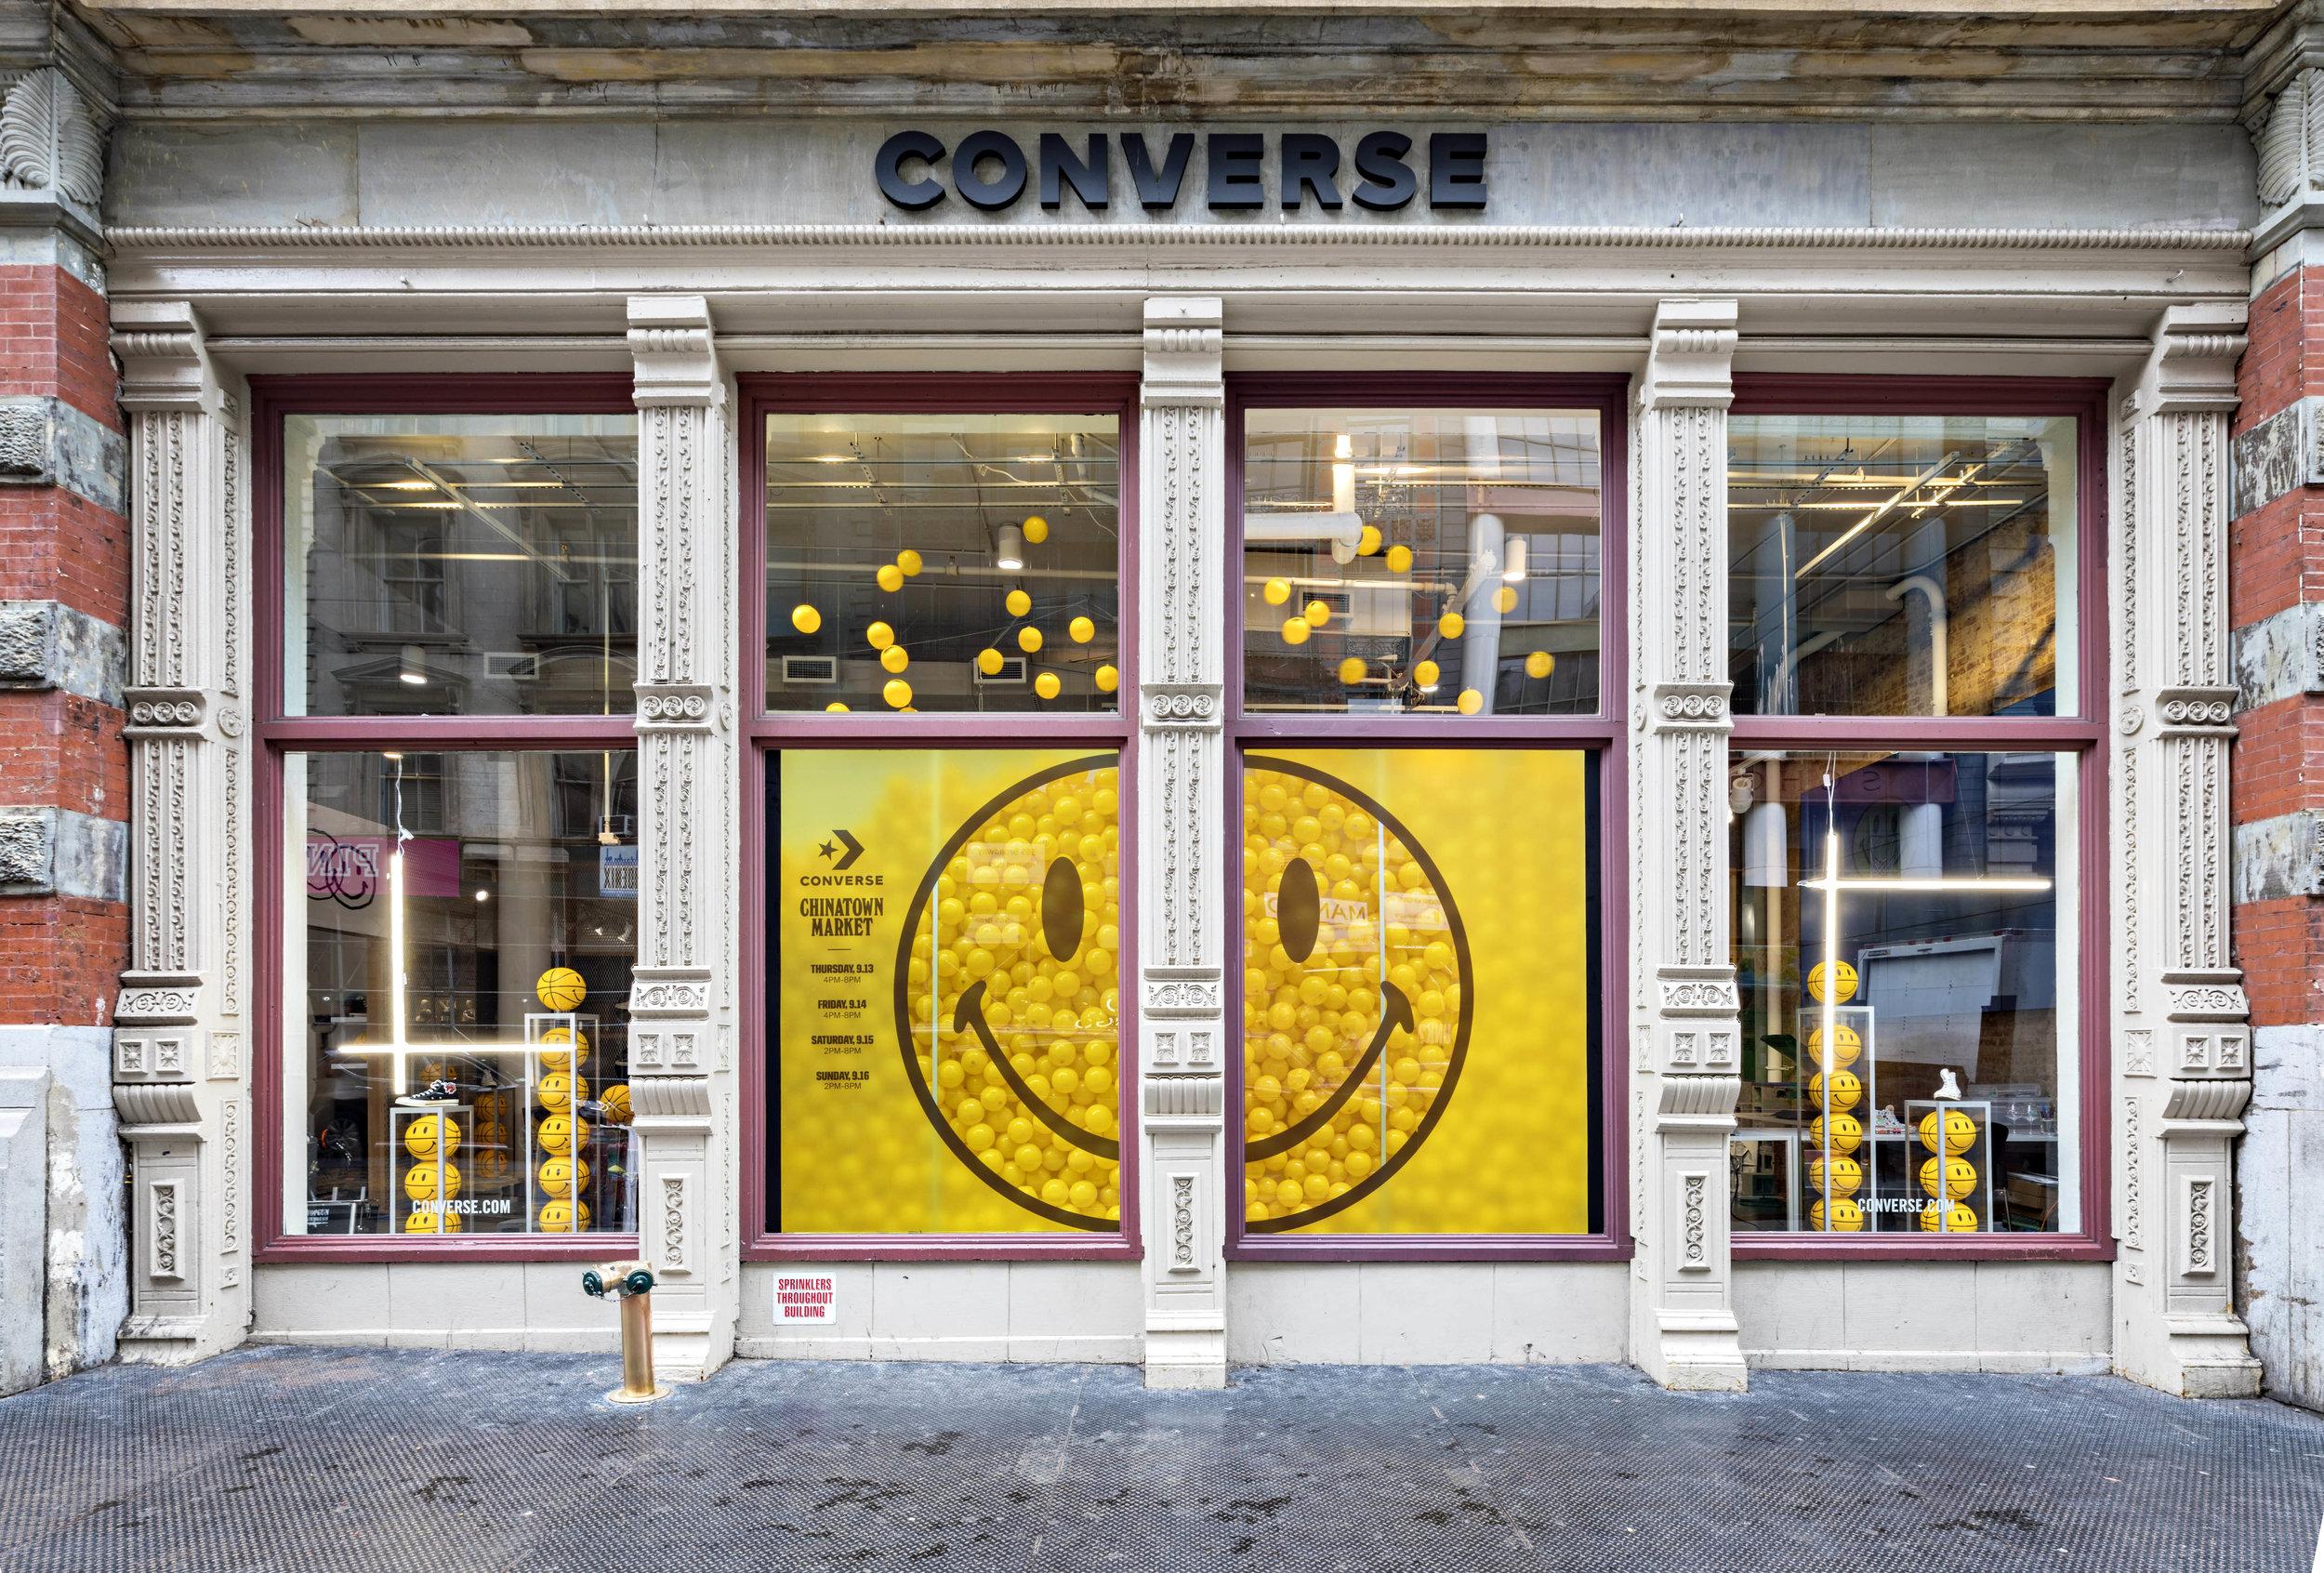 Converse_Chinatown_Market_3075.jpg